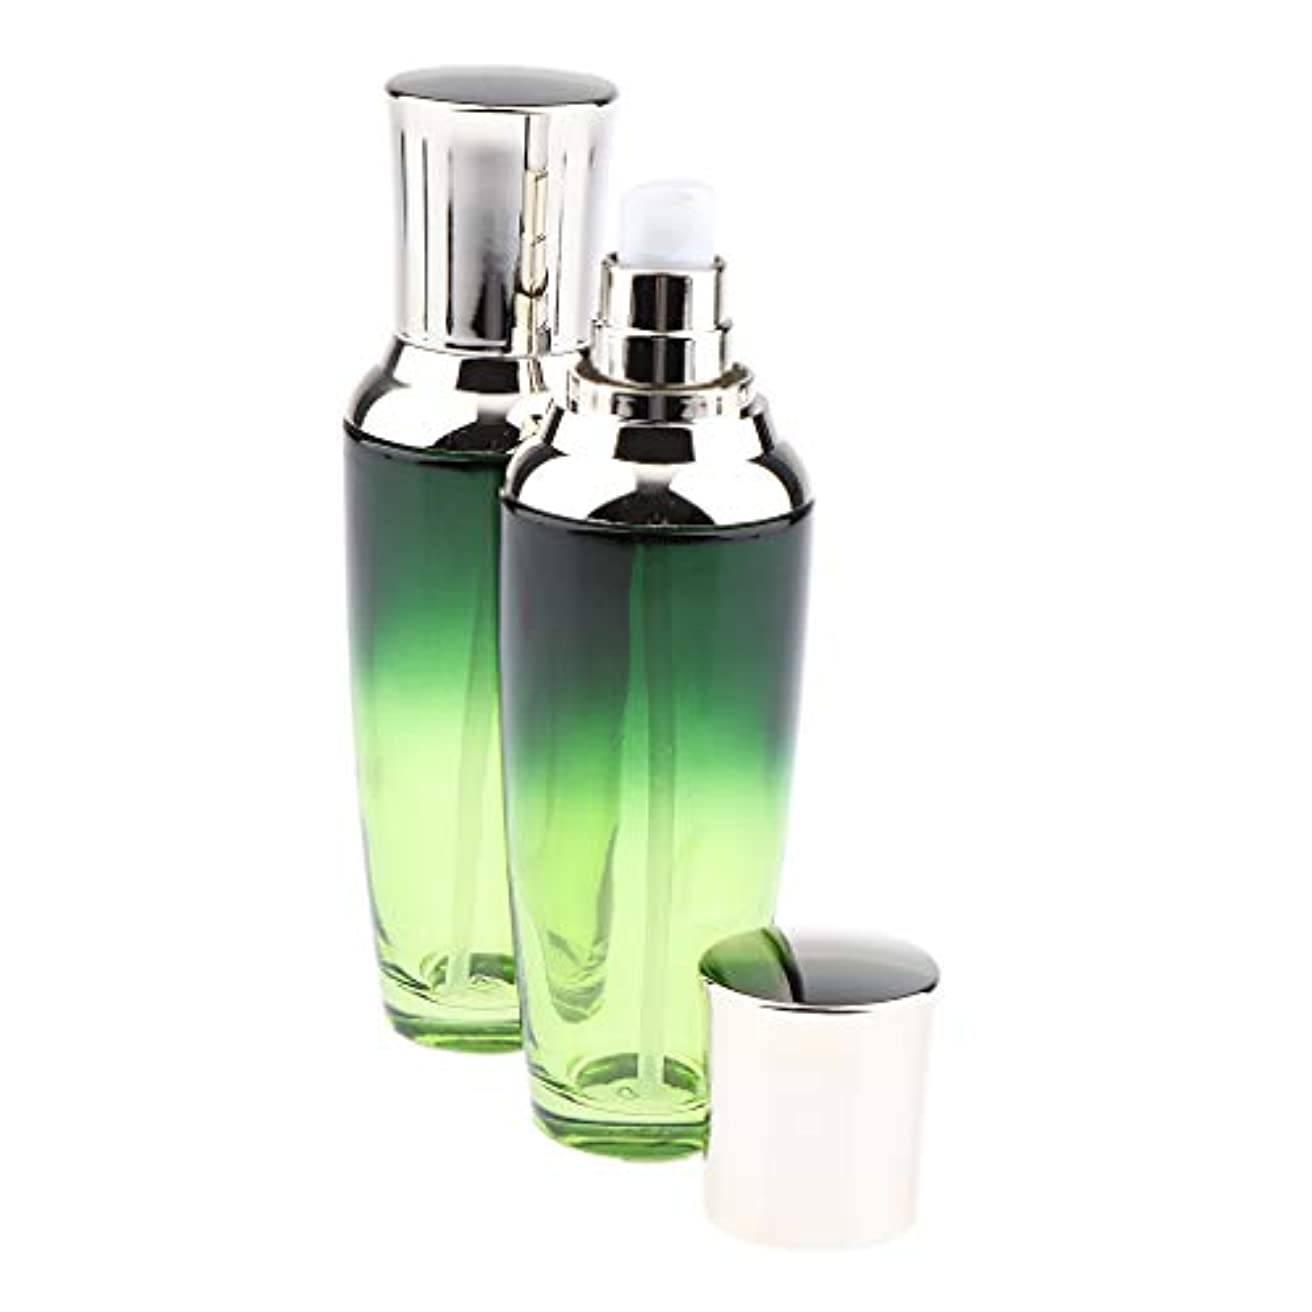 酔ったモットーに変わる全3サイズ 小分け容器 詰め替 ポンプボトル ガラスボトル 化粧品容器 ガラス製 2個入り - 100ミリリットル